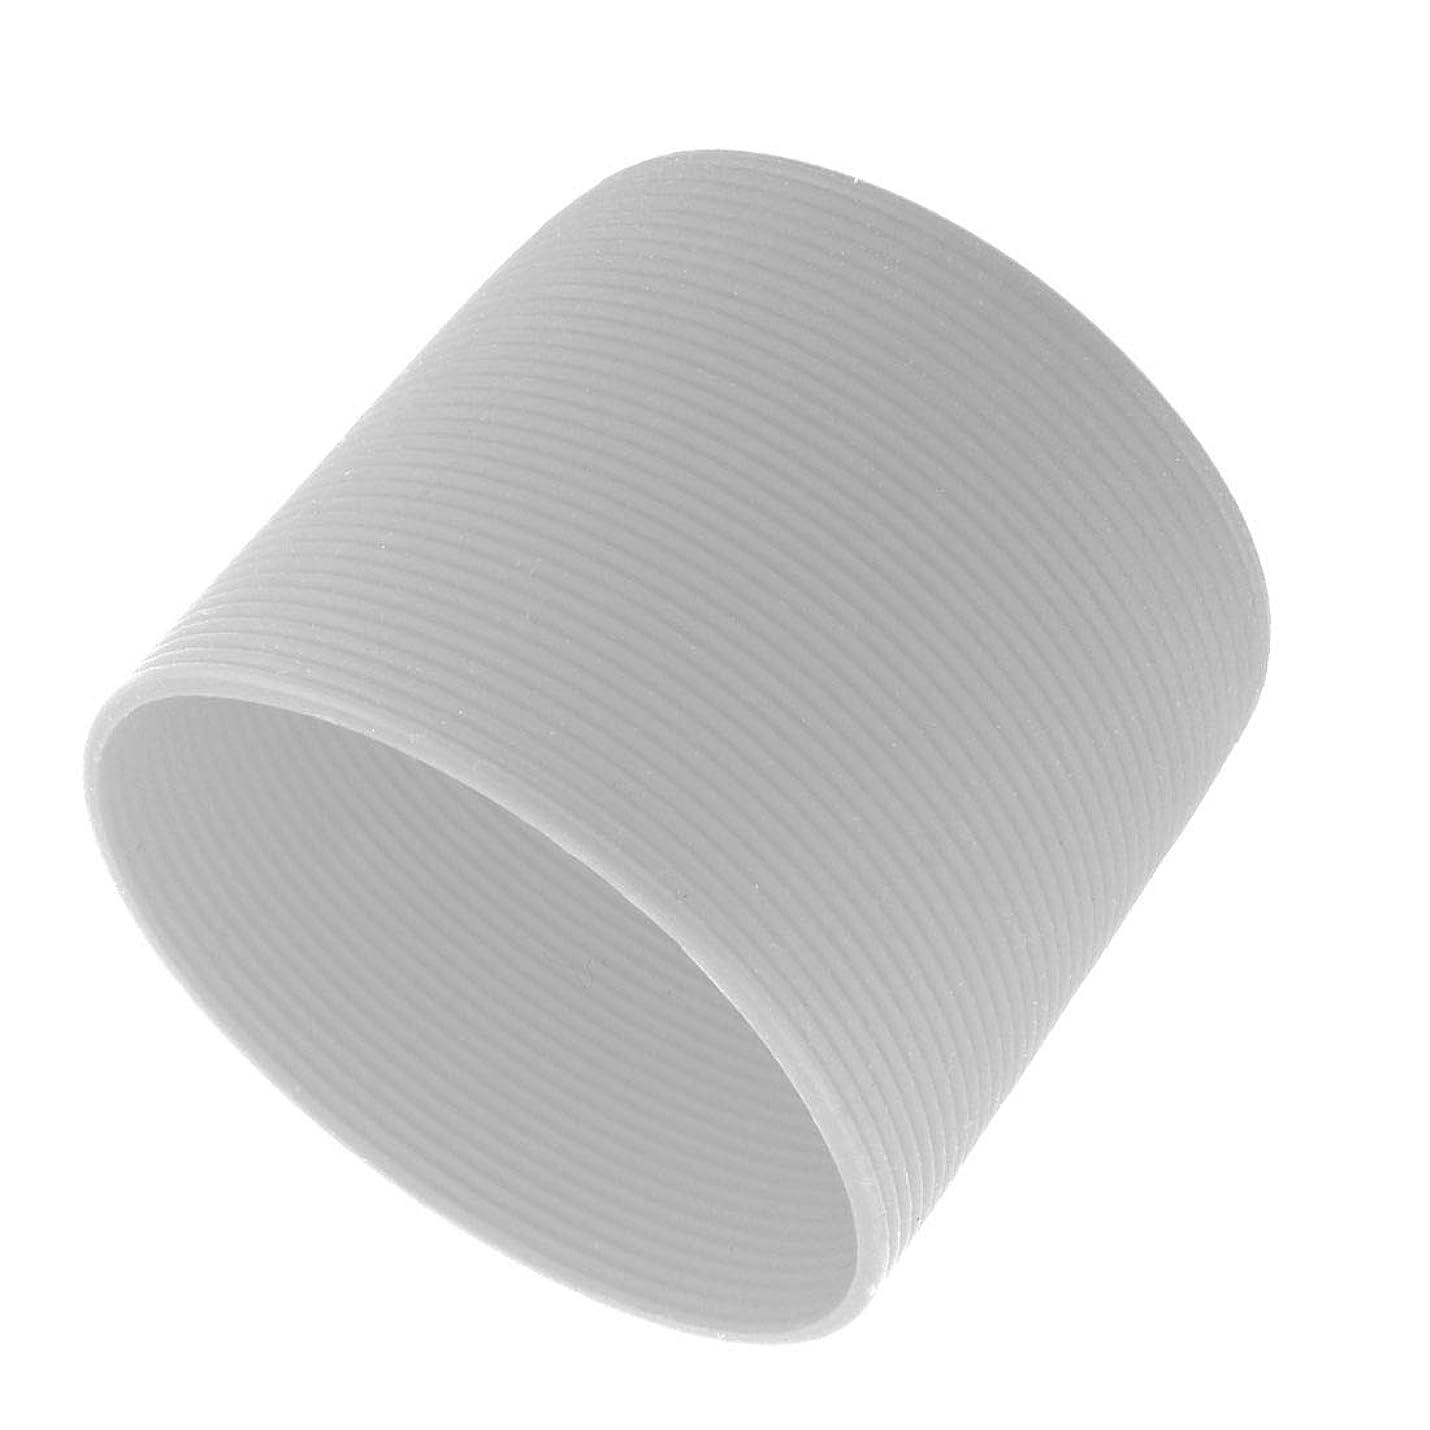 食用不幸高めるuxcell カップスリーブ シリコーン 再使用可能 耐熱 滑り止め ガラス瓶 カップ グレー 6cm 直径